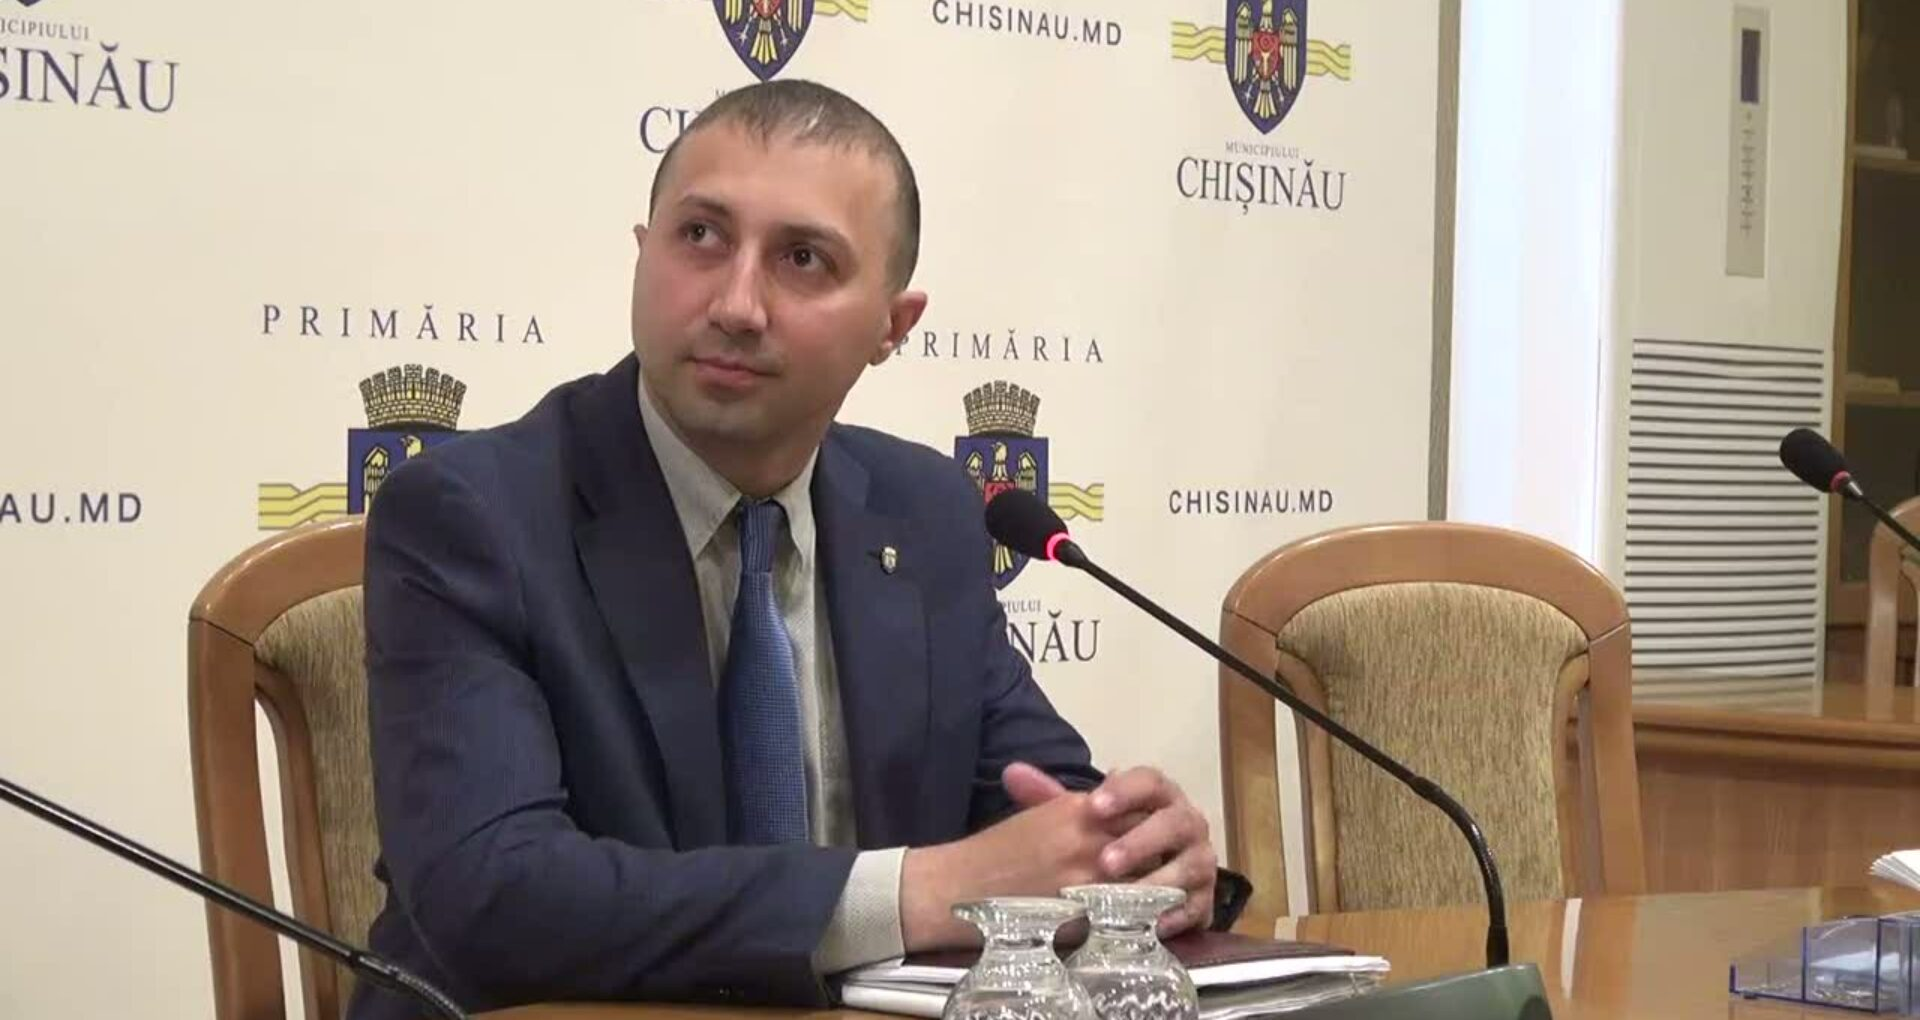 Nemulțumit de condamnarea la închisoare cu suspendare, Igor Gamrețki a contestat decizia la CSJ